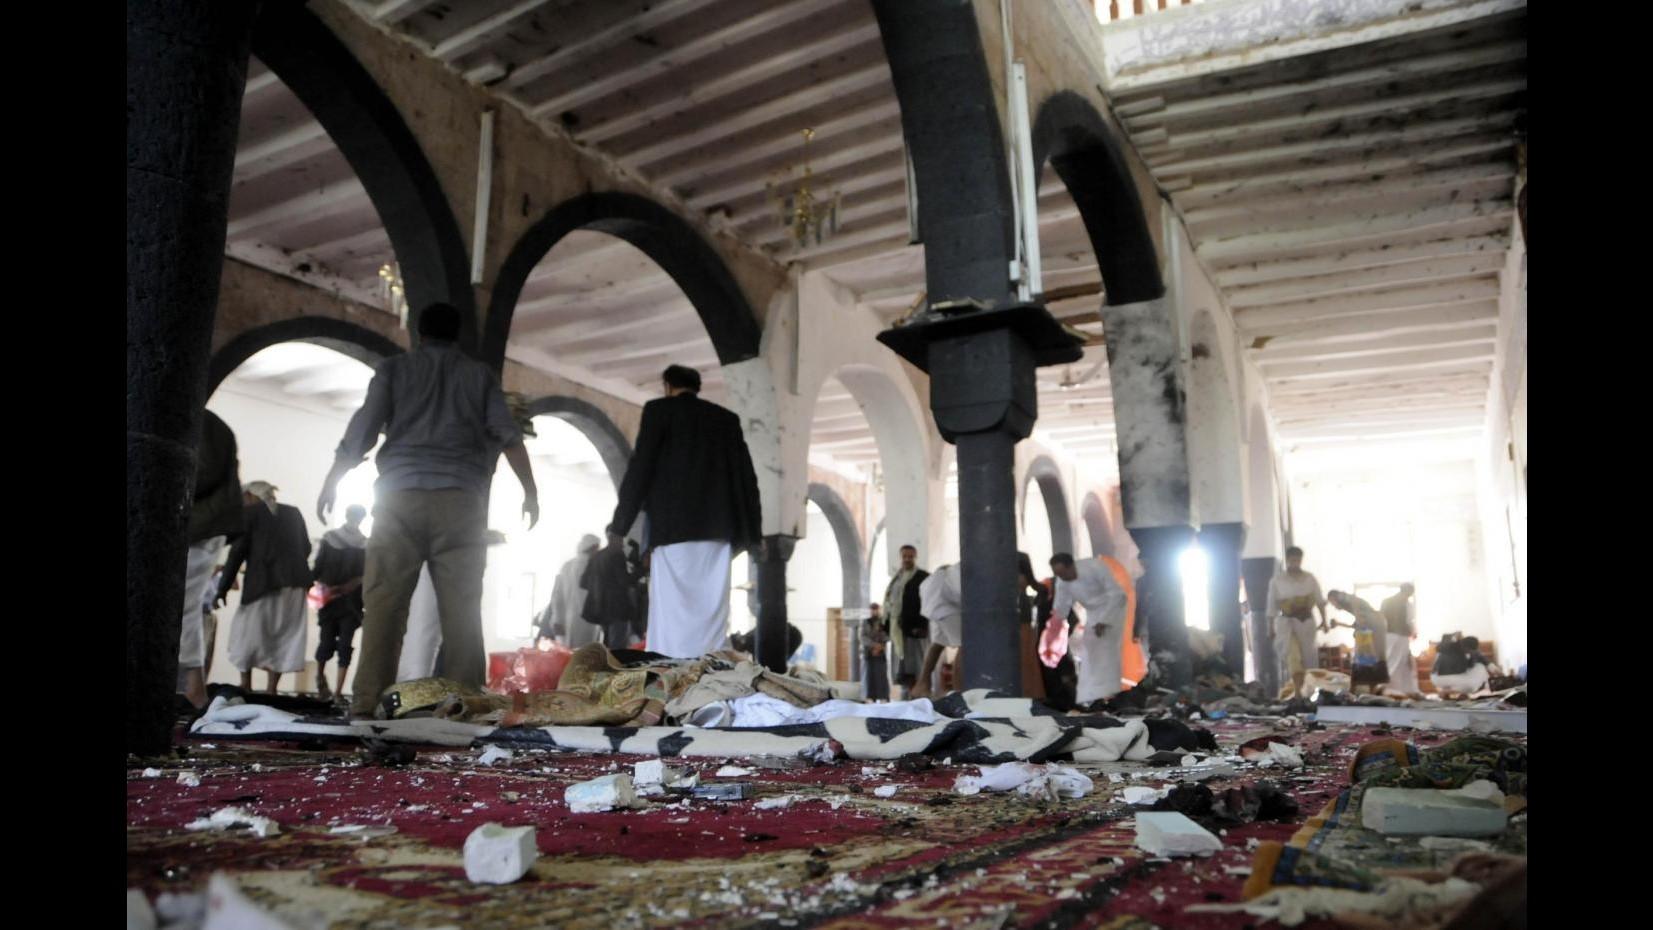 Terrorismo, sondaggio Rai3/Ixè: 66% italiani chiuderebbe moschee